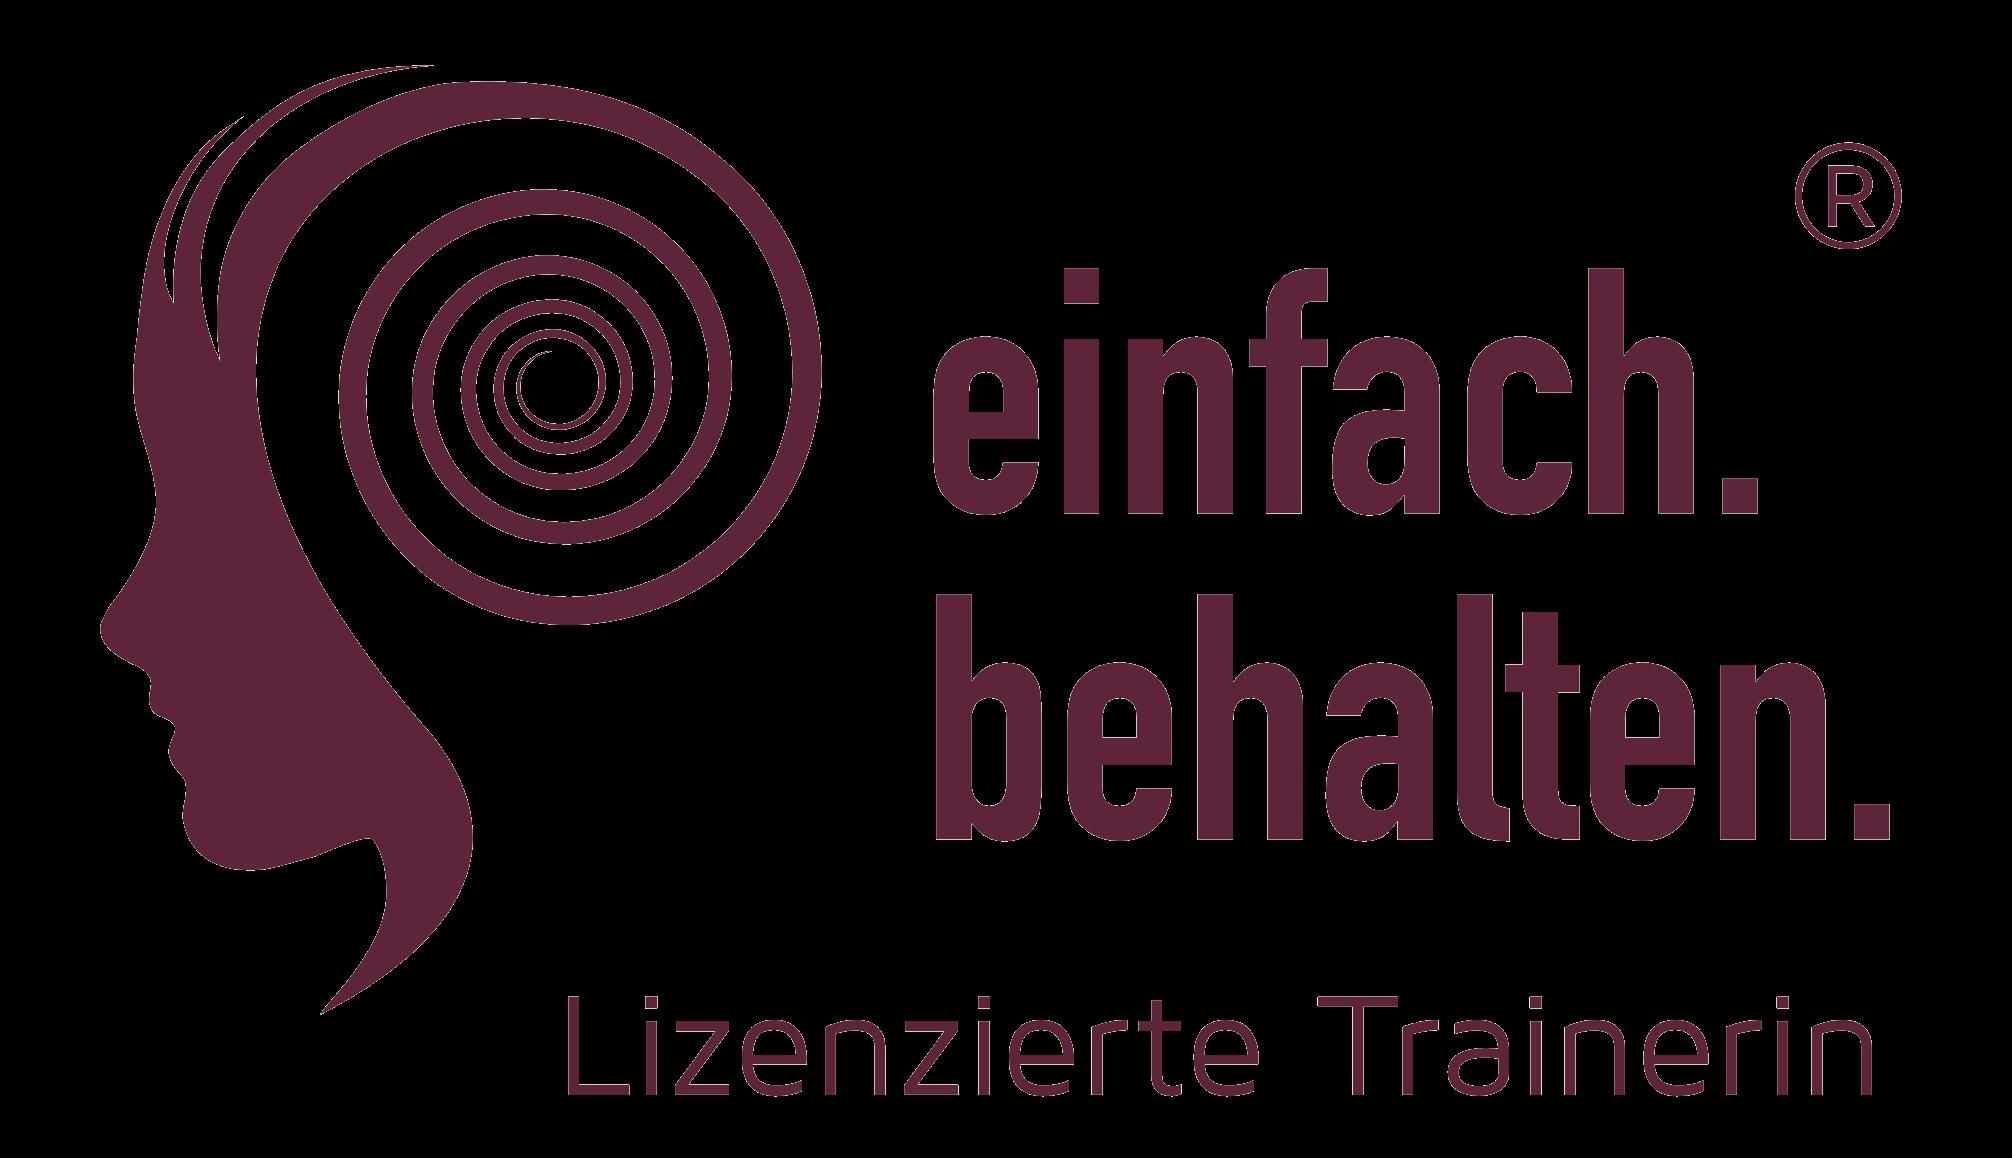 Logo einfach.behalten. lizenzierte Trainerin